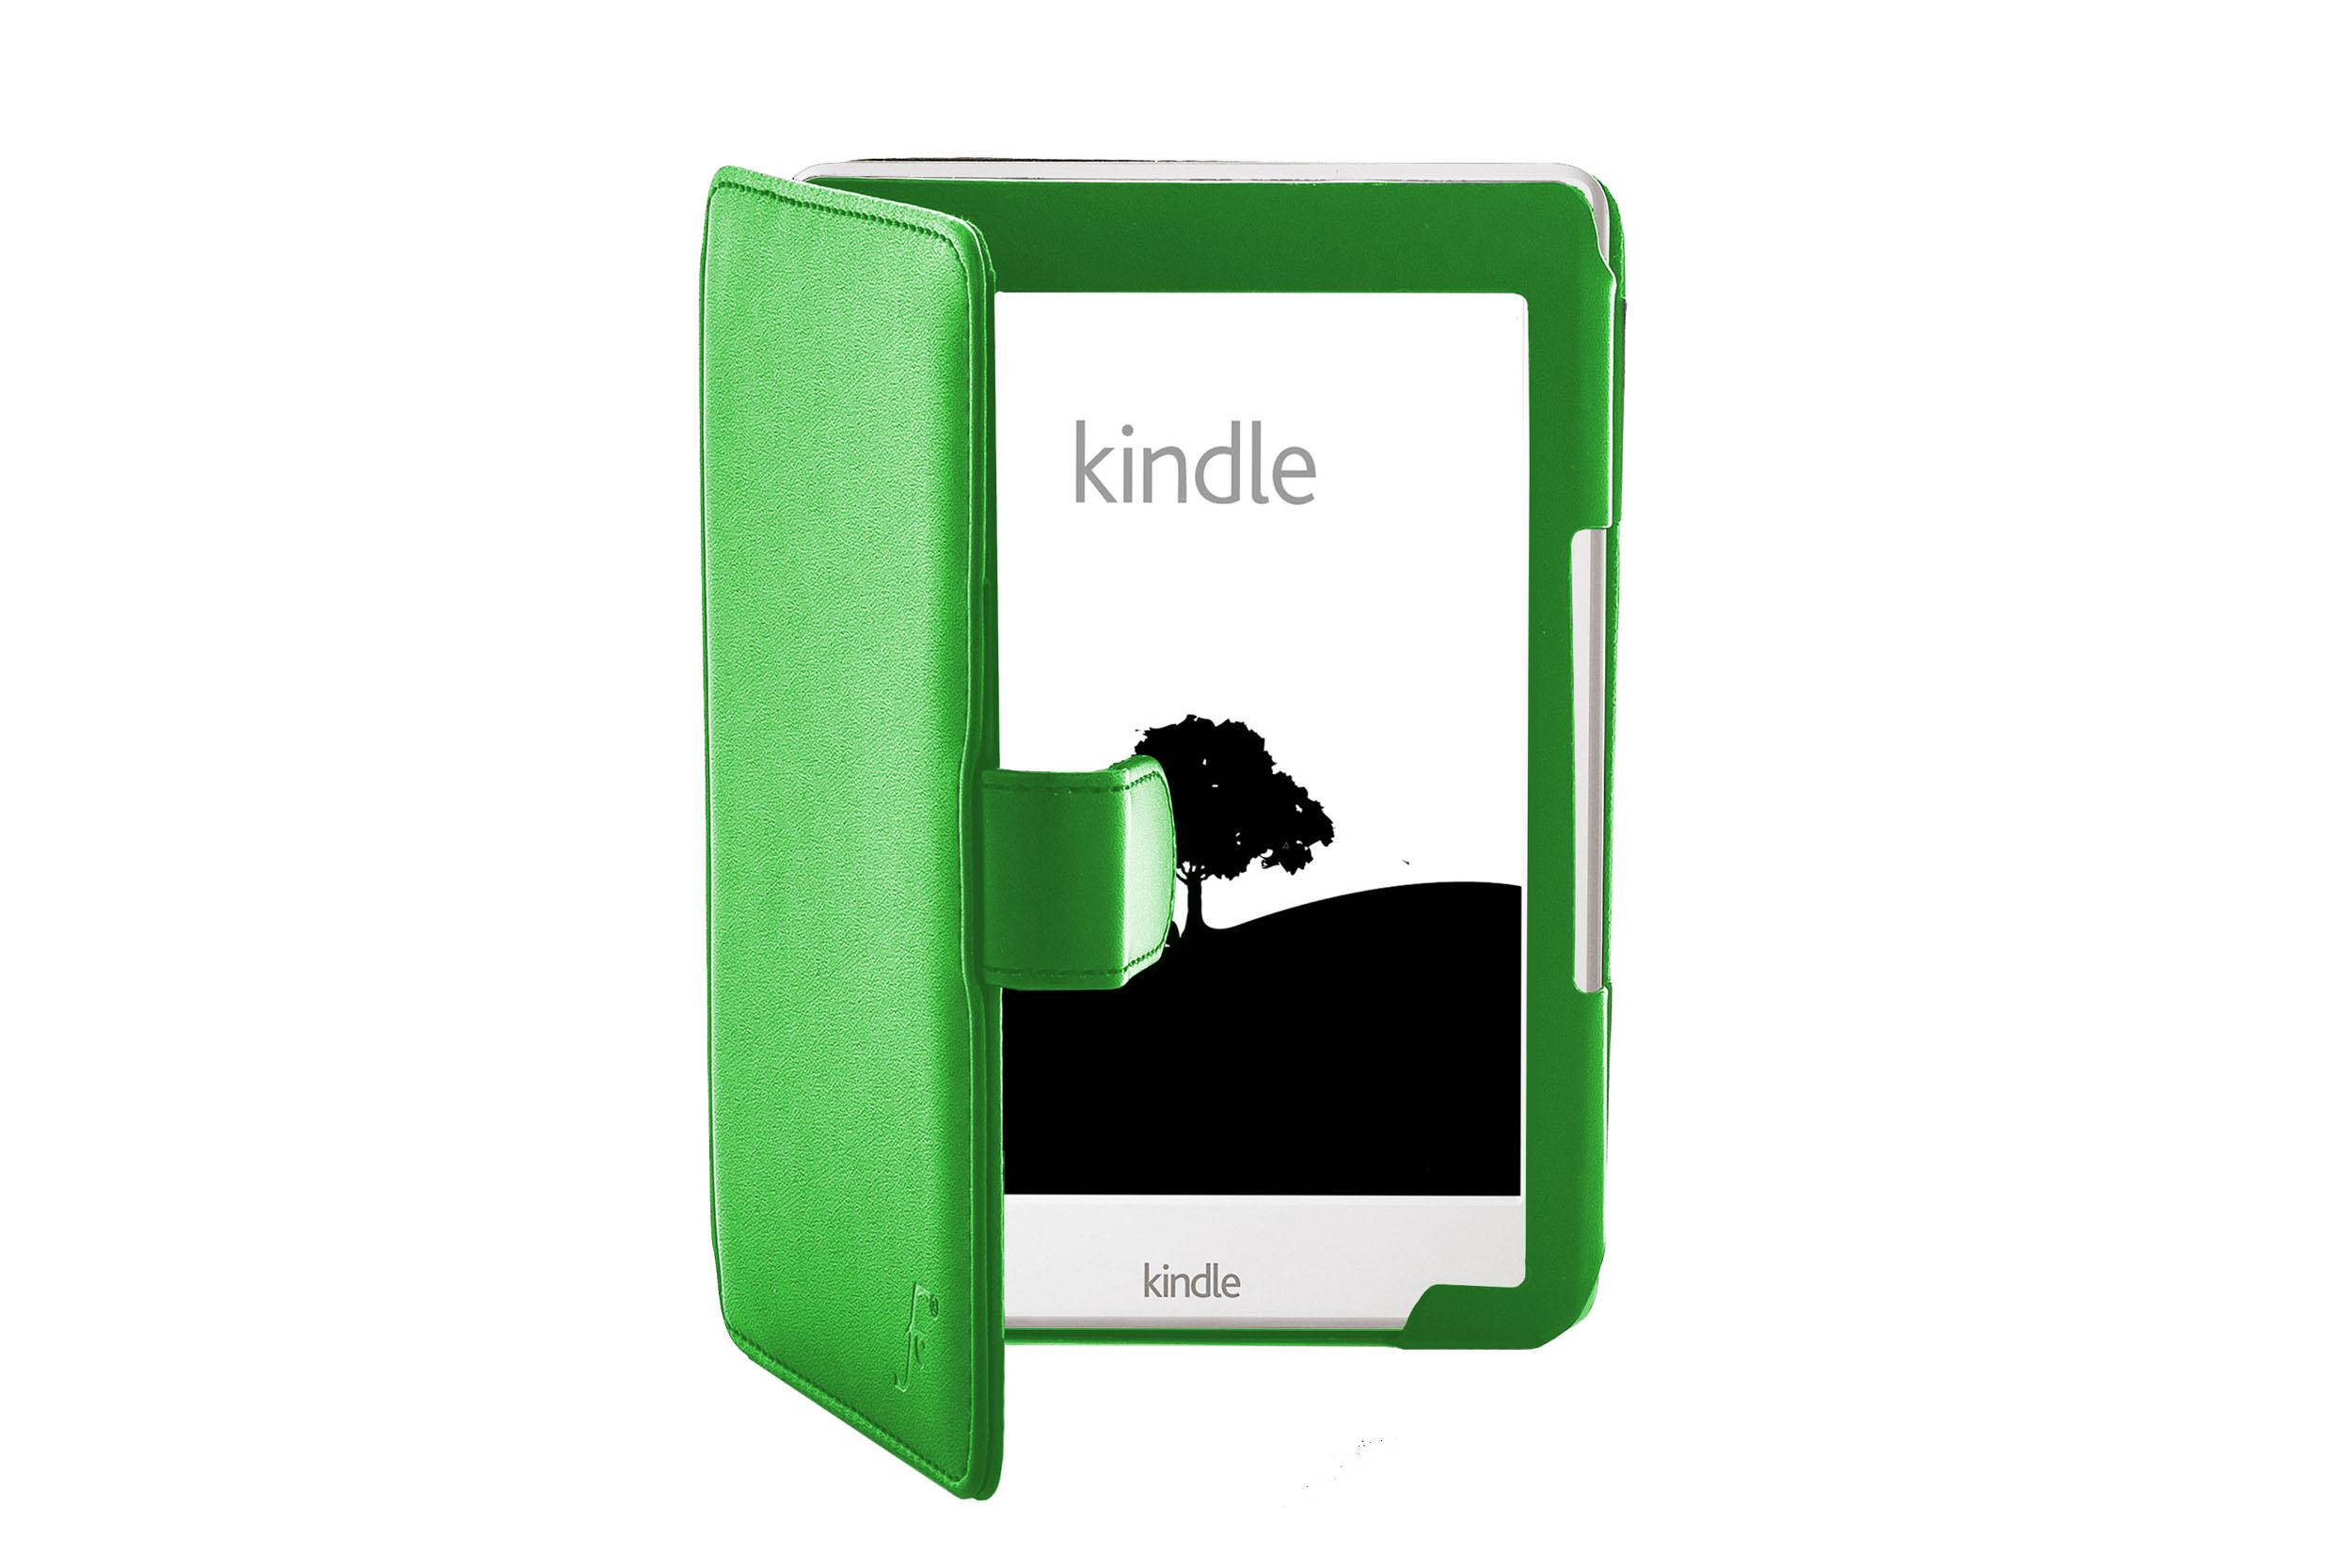 Forefront carcasas funda de piel funda amazon kindle 2016 8th gen ebay - Kindle funda ...